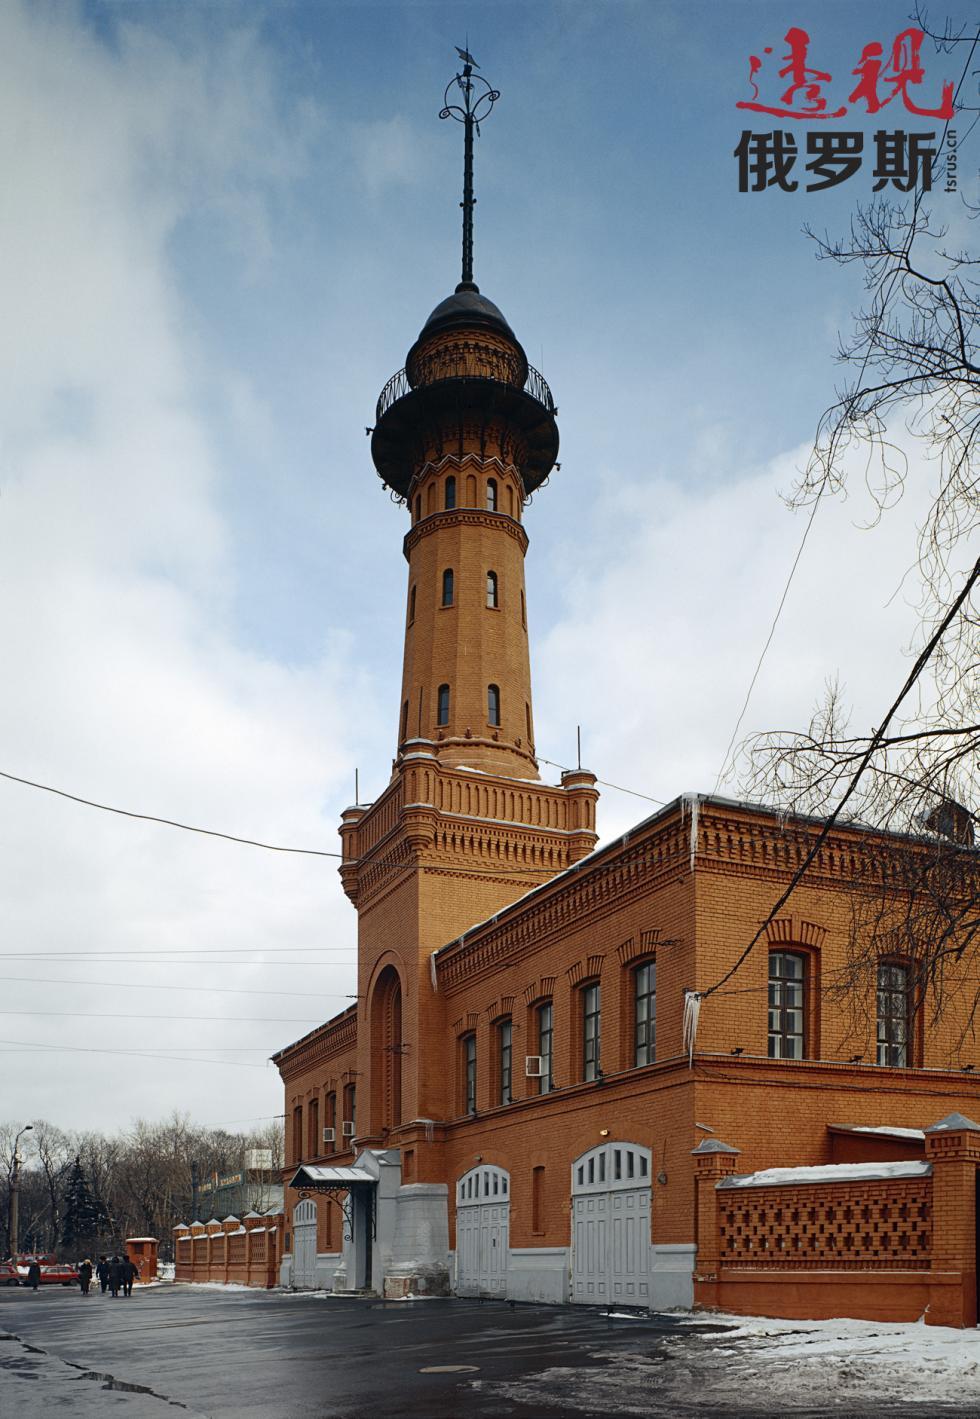 索科利尼基区的古老塔楼。图片来源:Yuri Artamonov / 俄新社